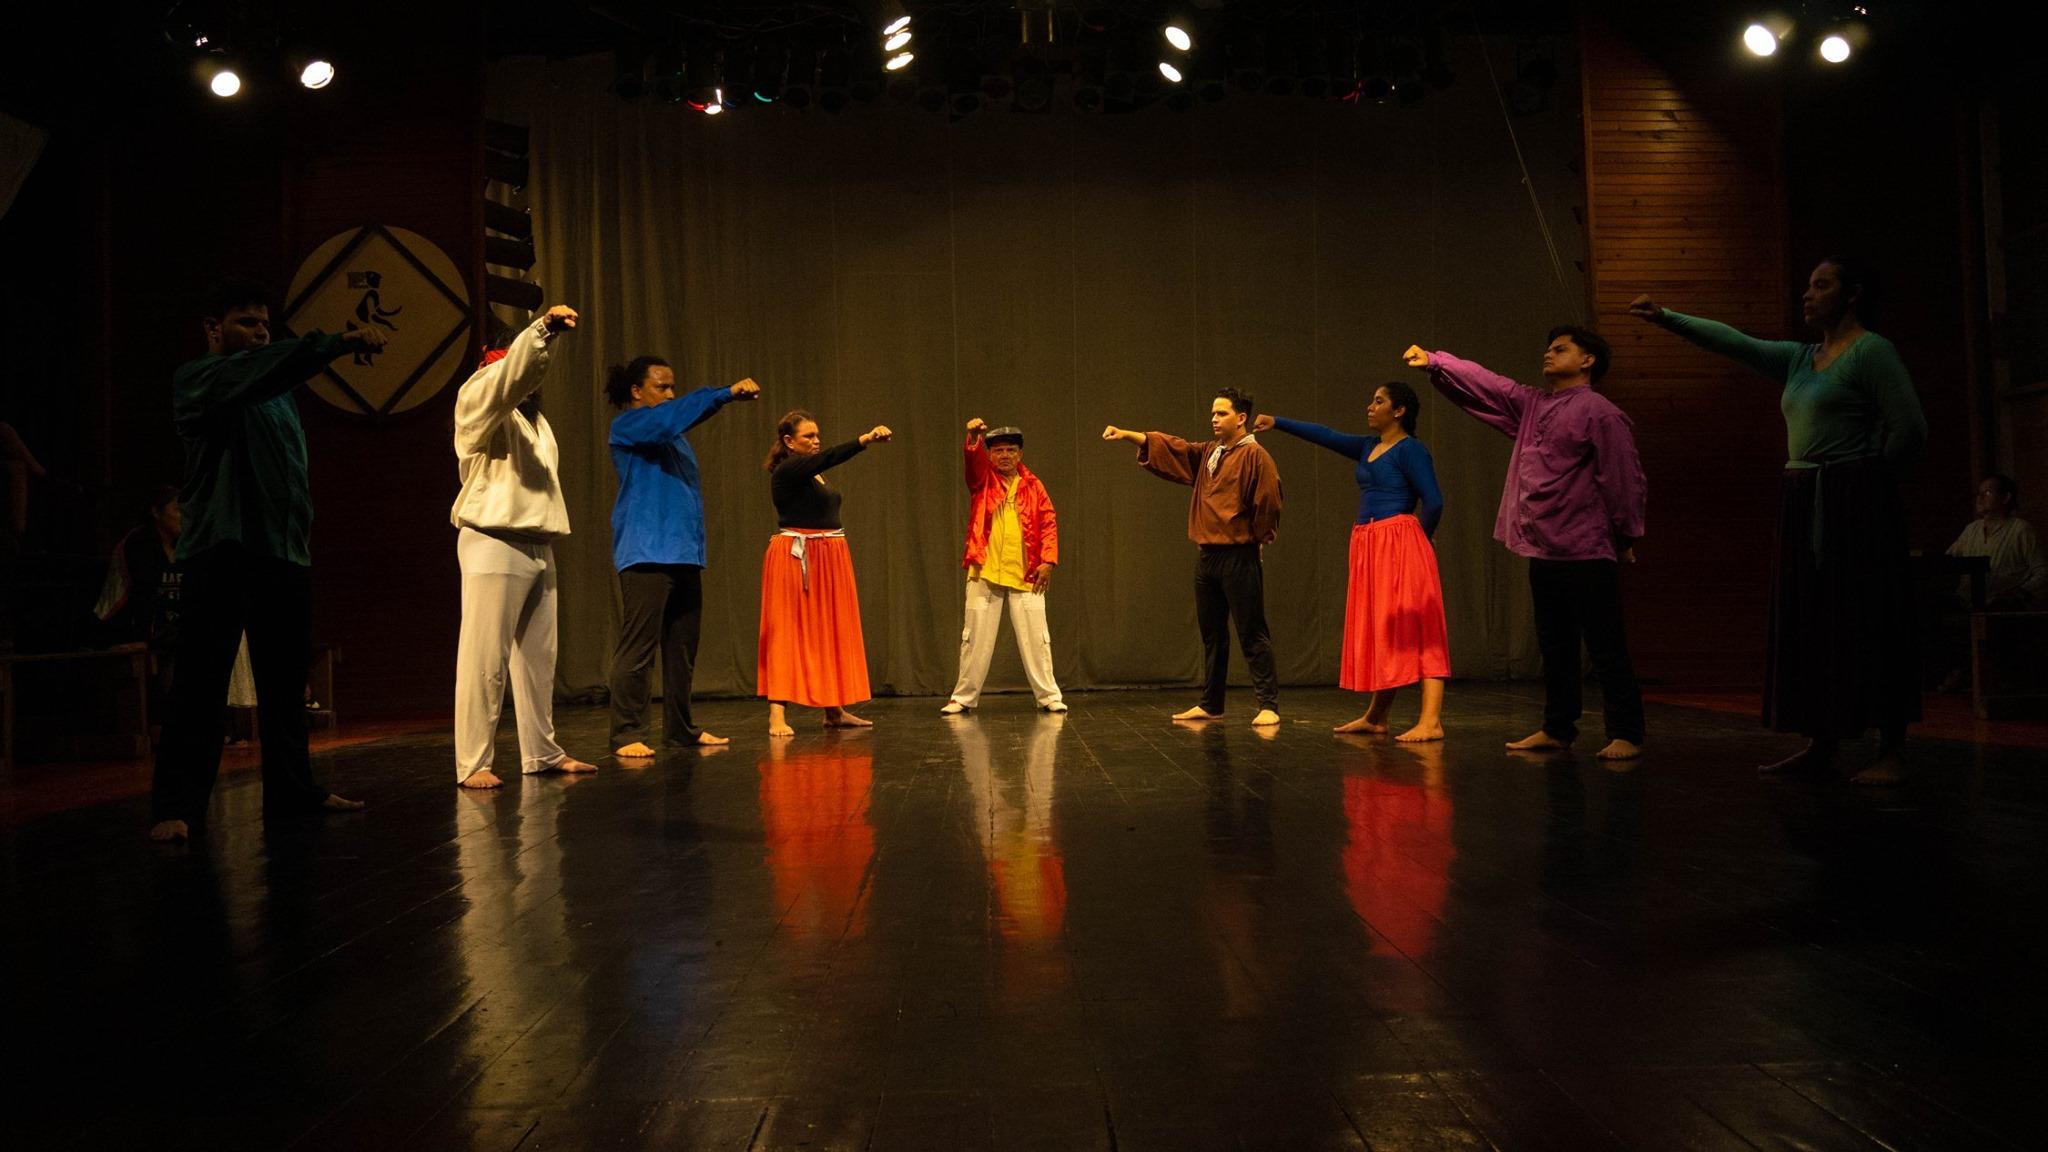 Teatro La Fragua, 'un mundo mágico que me permite hacer lo que quiero'